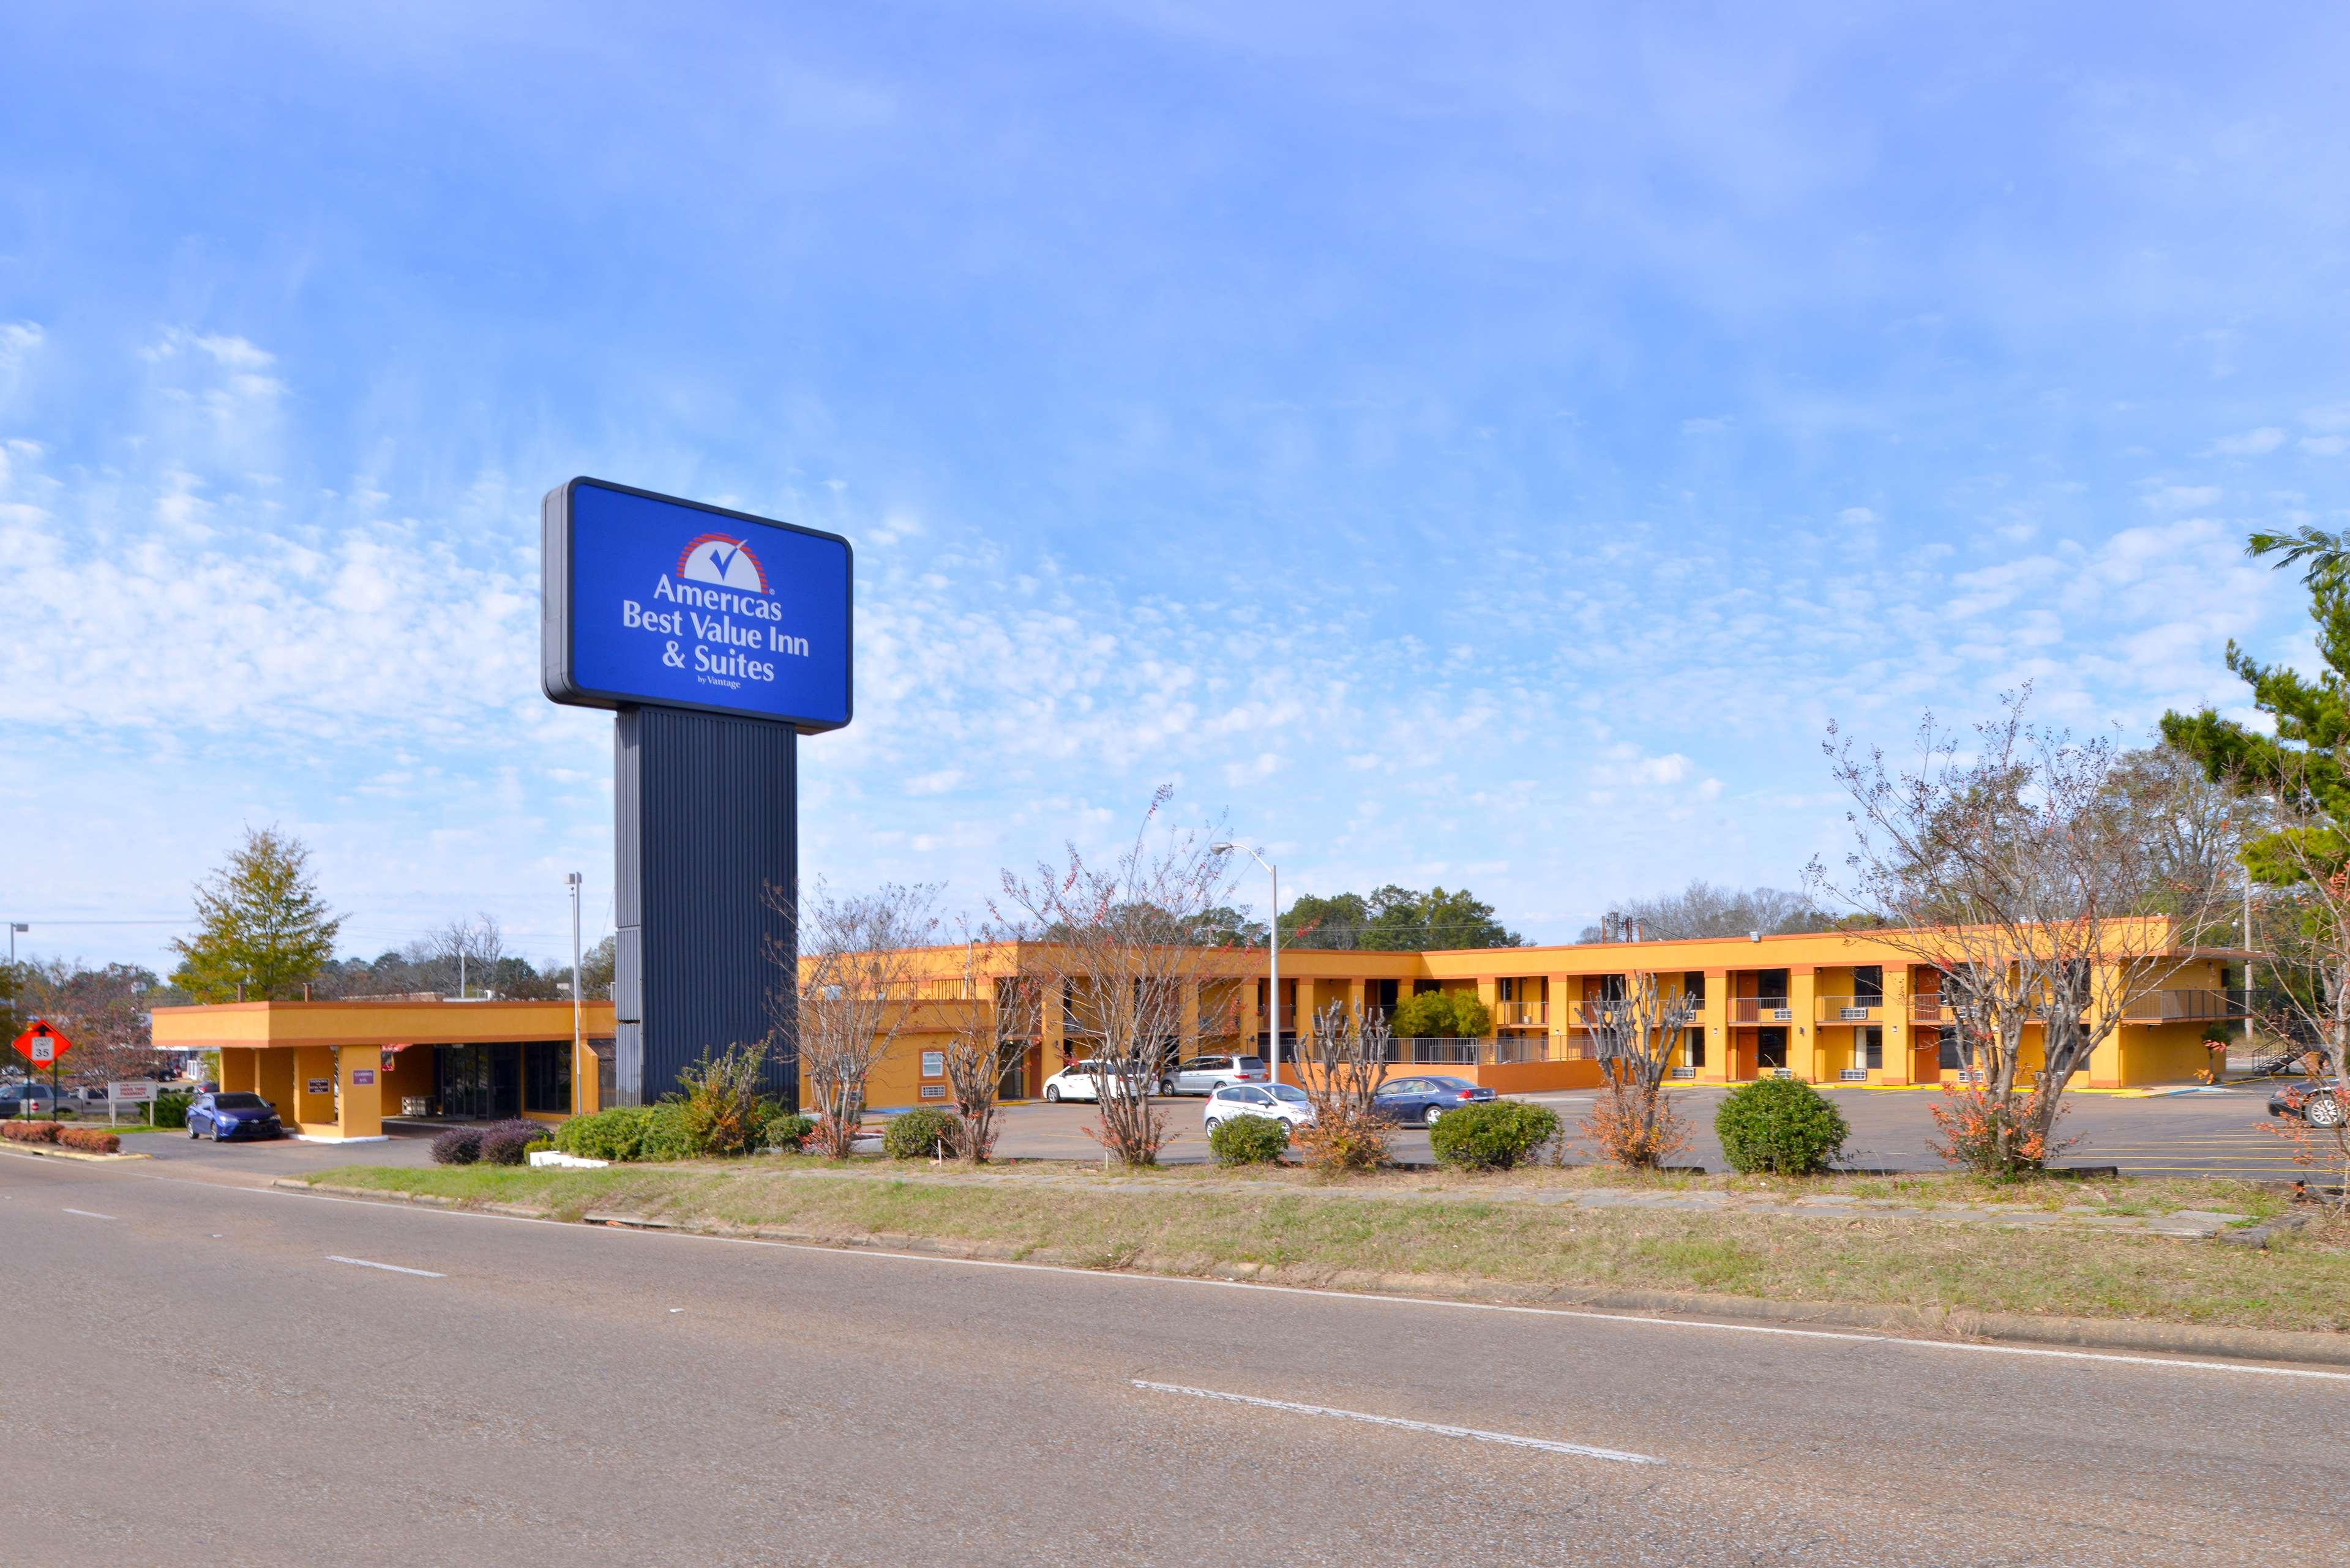 Americas Best Value Inn Suites Starkville Starkville